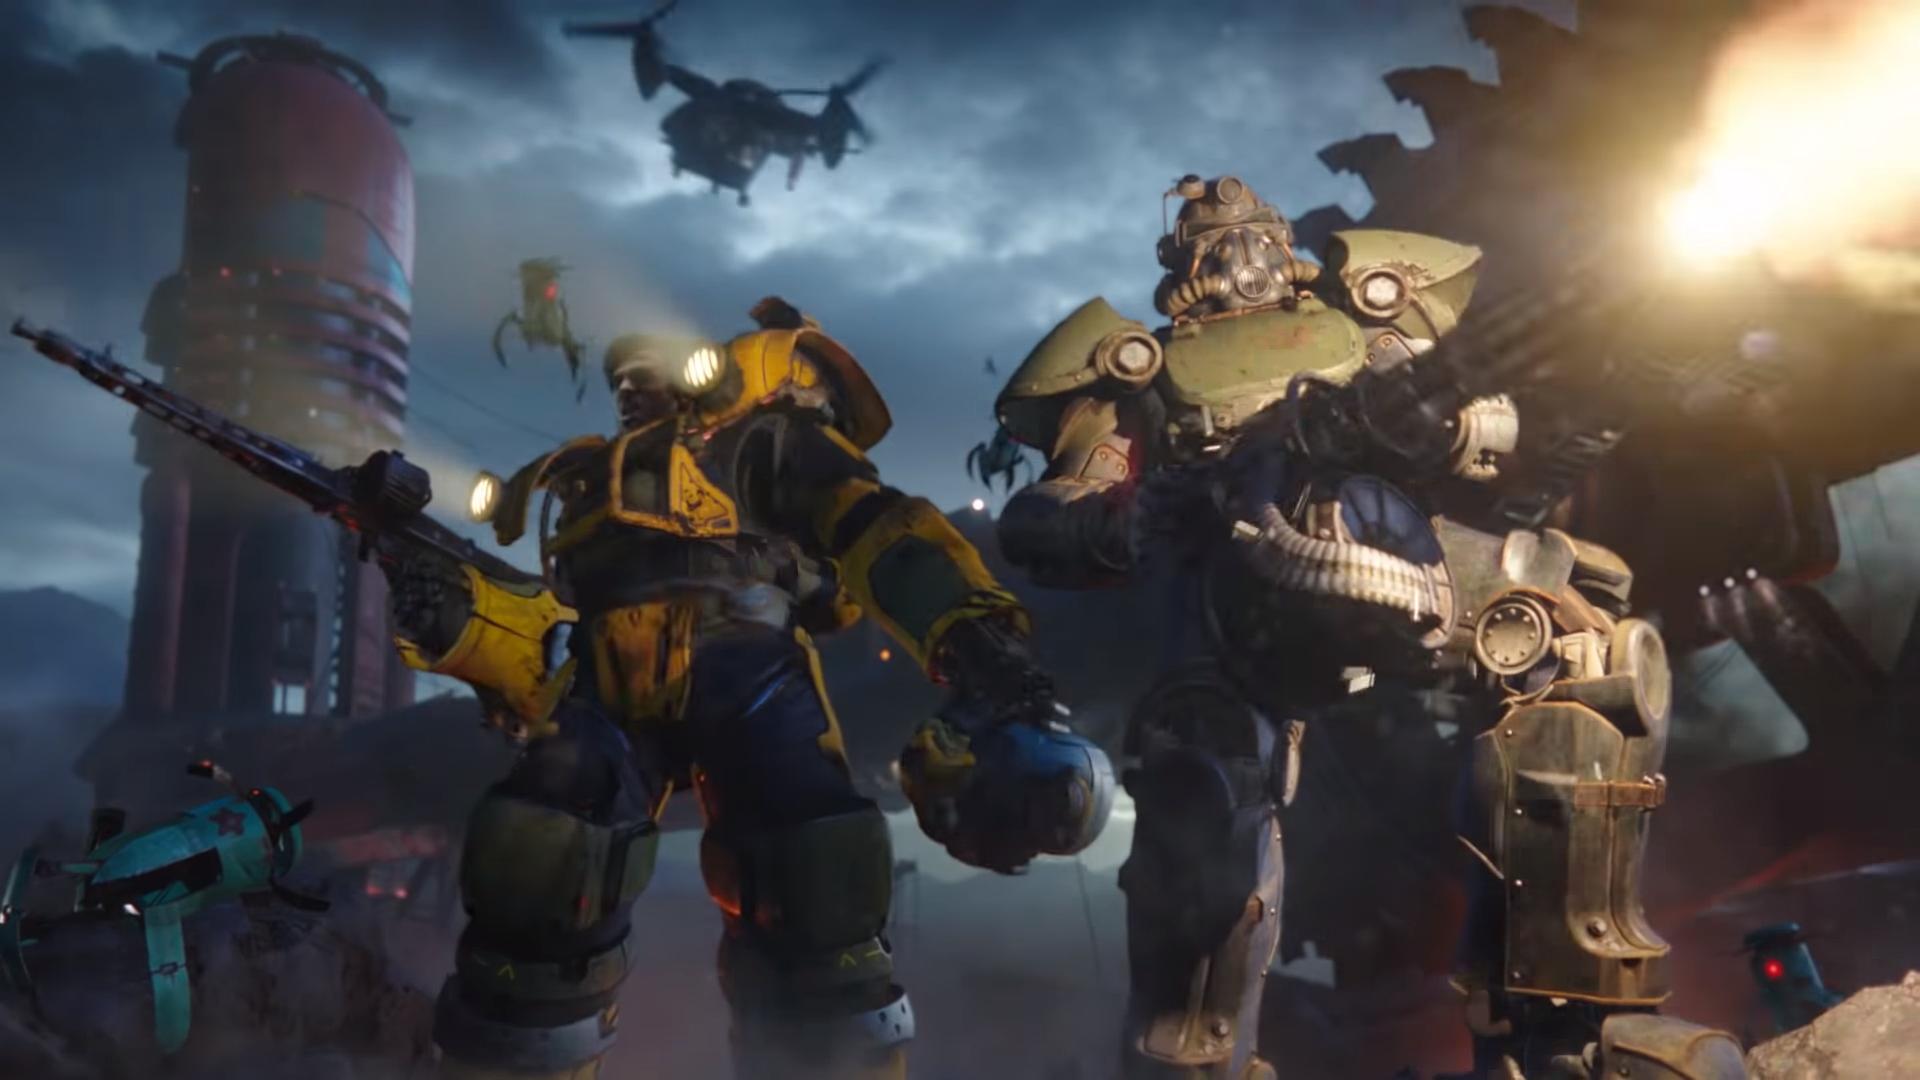 Fallout 76: non sarà un Free To Play, smentite le ipotesi al riguardo.